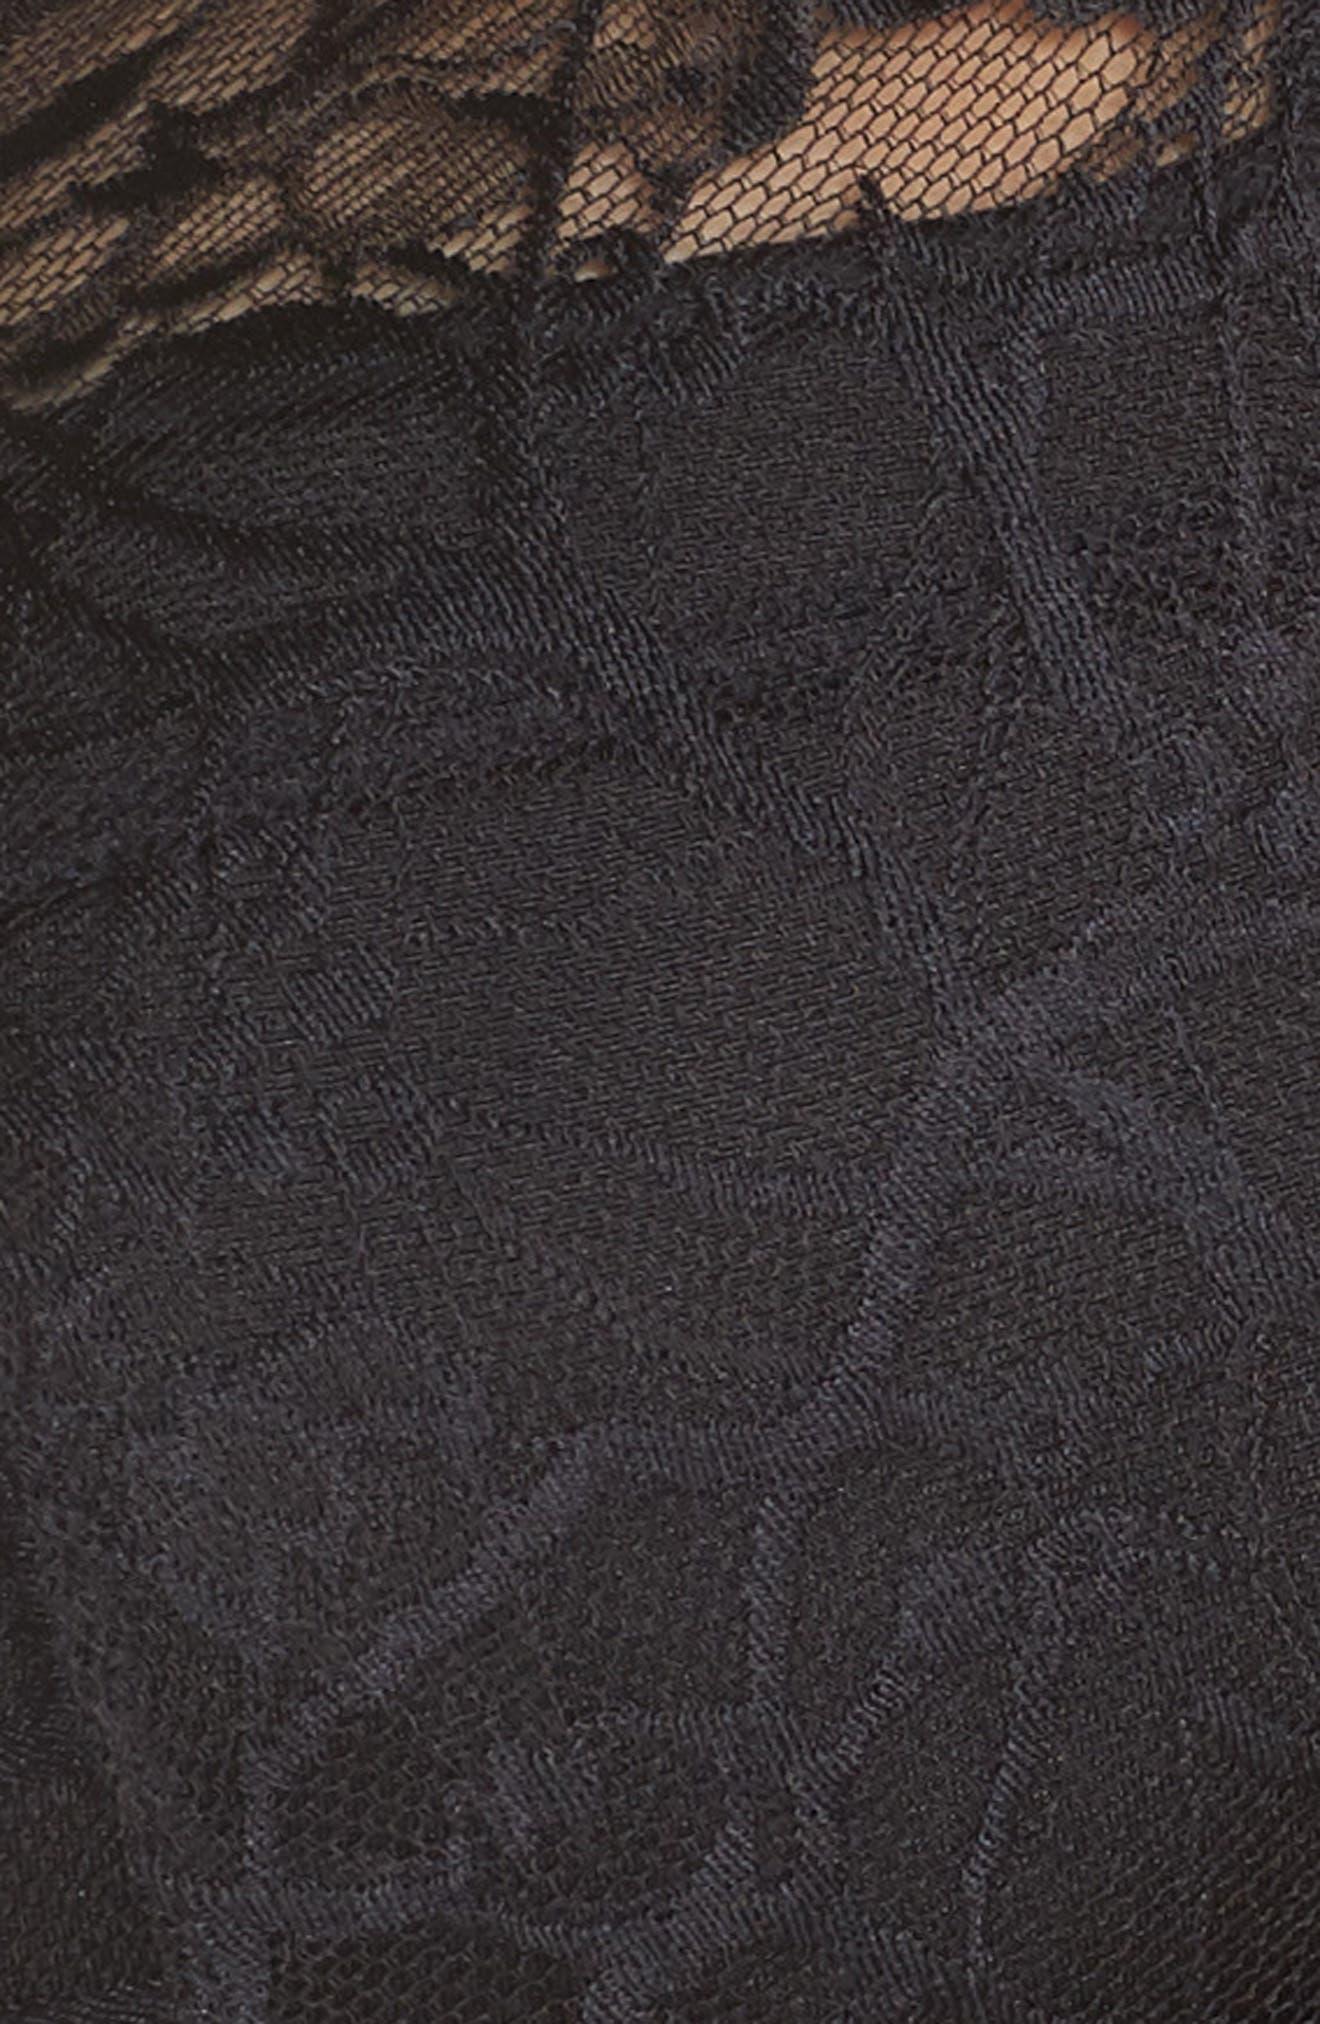 CHANTELLE LINGERIE, Segur Lace Underwire Push-Up Bra, Alternate thumbnail 7, color, BLACK